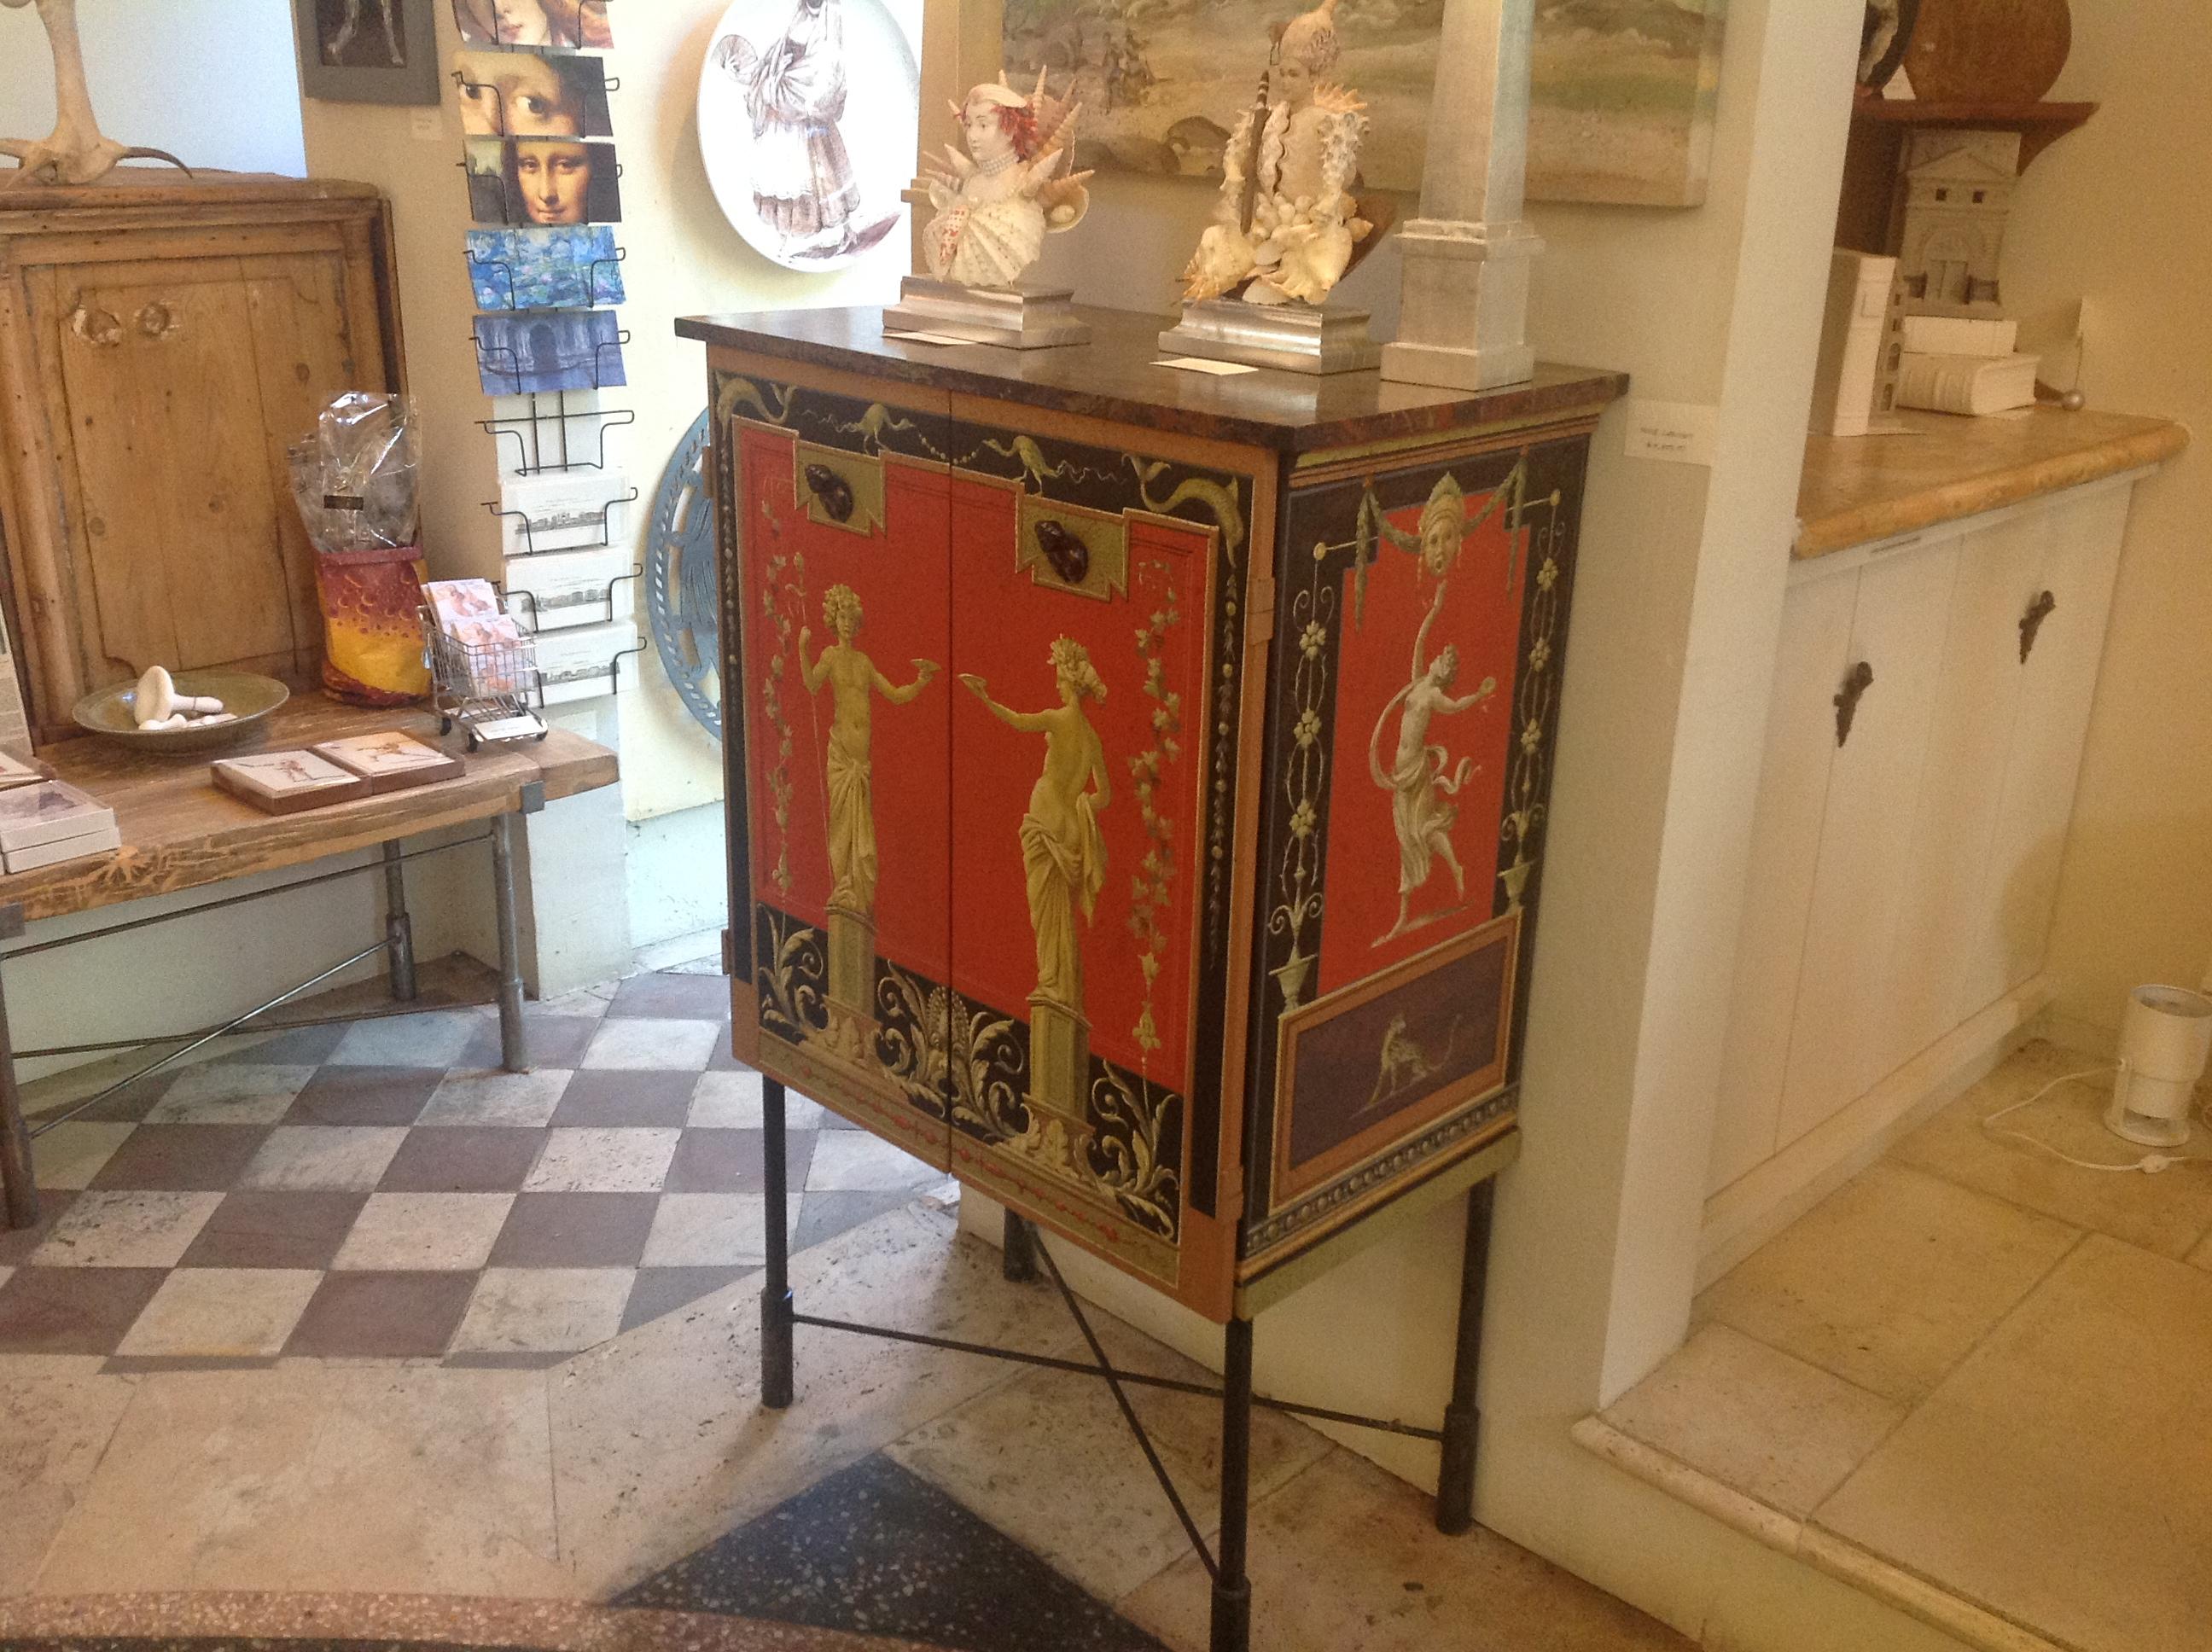 Pompeian Style Cabinet Cupboard, Carlo Marchiori (Photo P. F. Sommerfeldt, 2012)